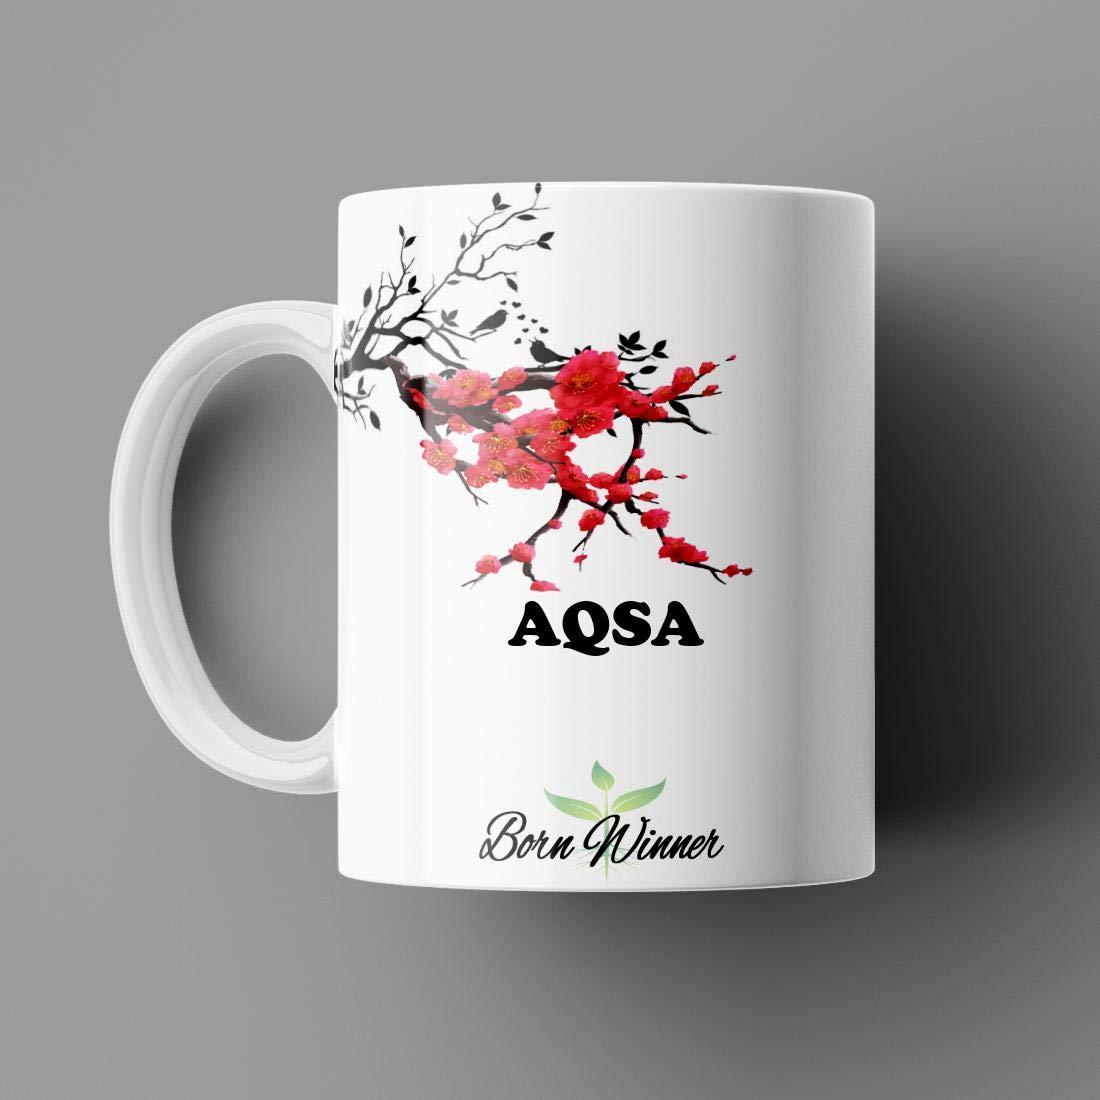 Name Printed Aqsa Name Mug for Coffee White Ceramic Mug (350) ml